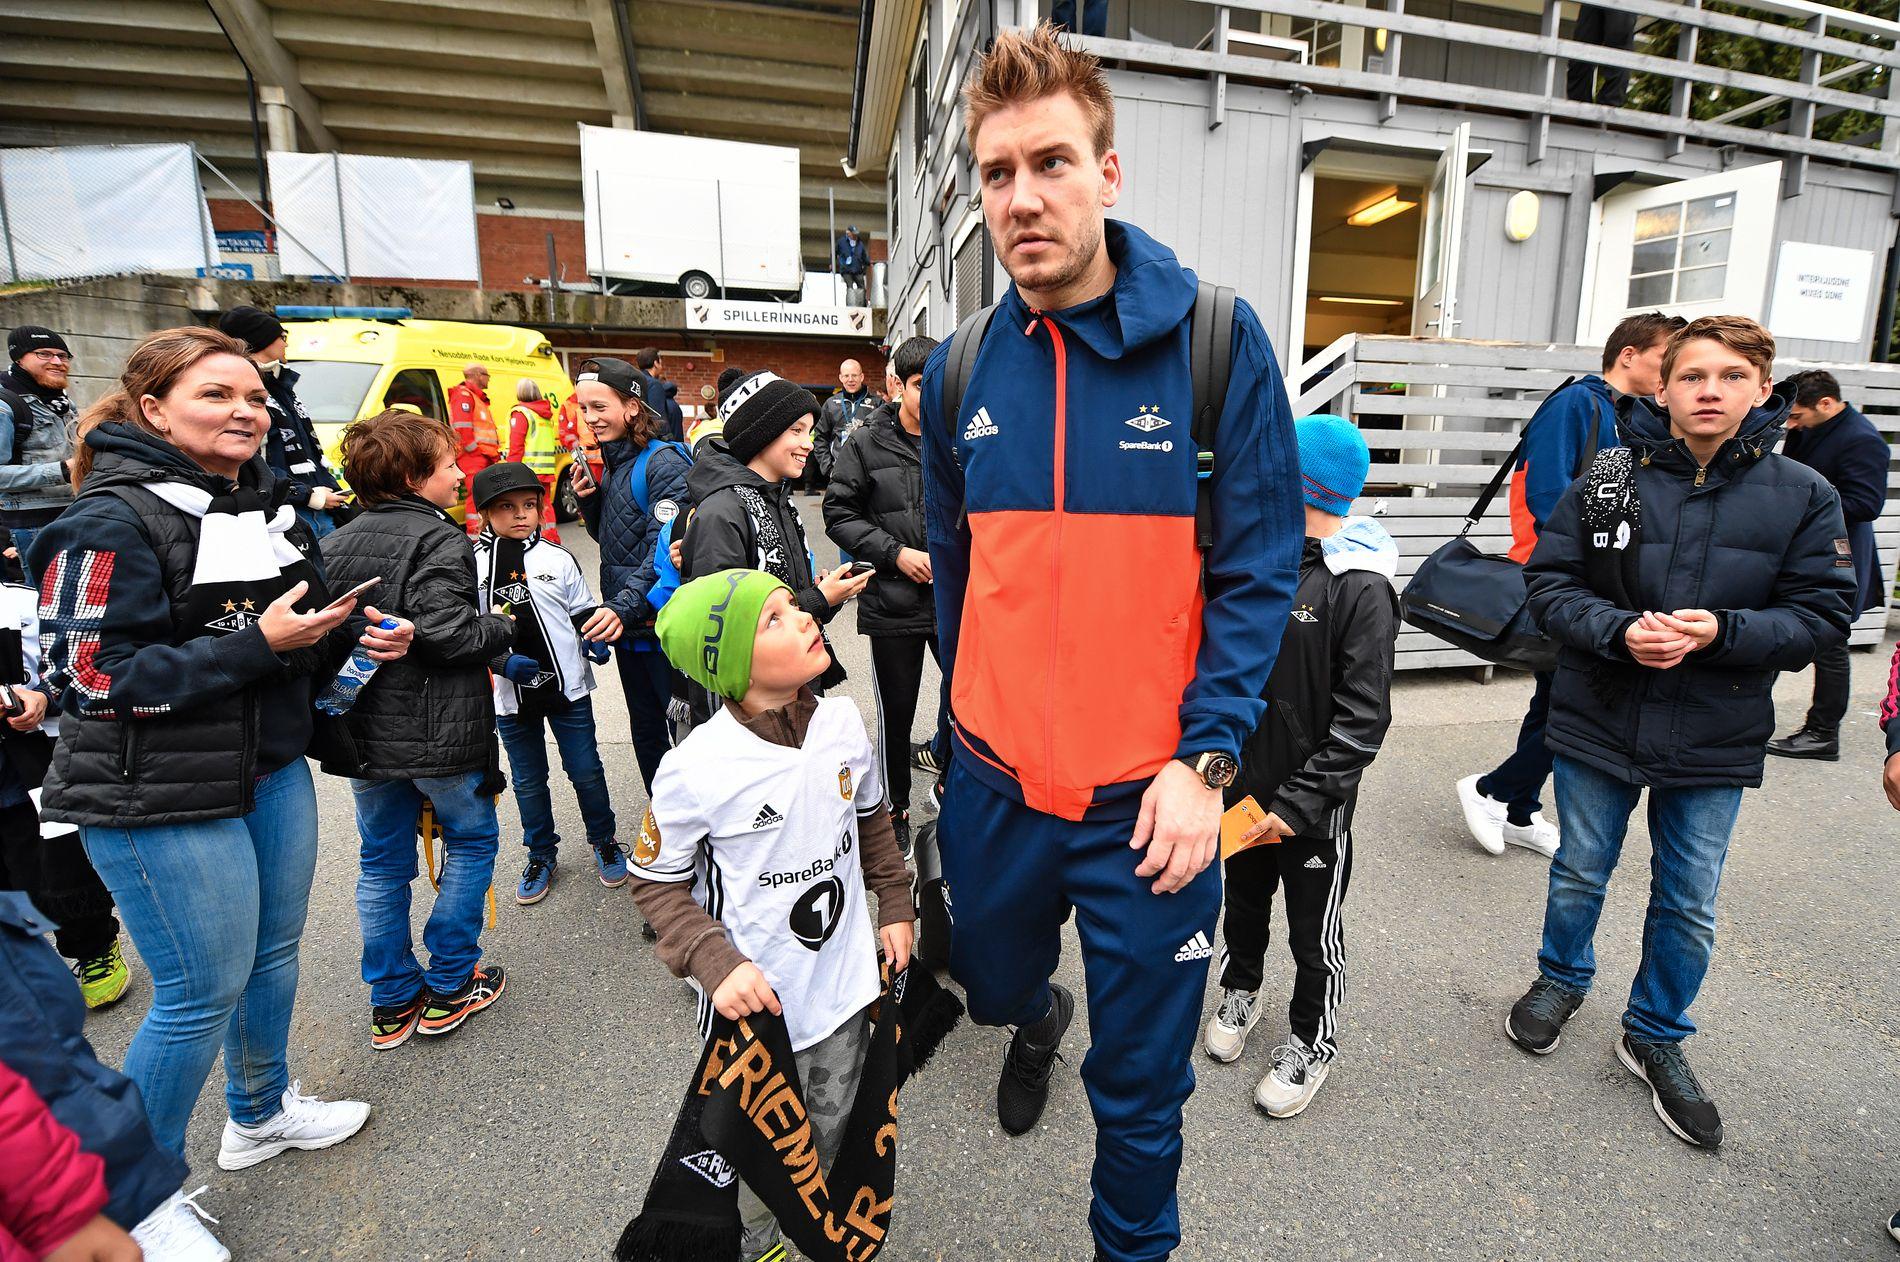 – LITT LAT: Ingebrigt Steen Jensen er ikke blitt imponert over Nicklas Bendtner og Rosenborg så langt denne sesongen. Om den danske spissen, sier Stabæk-mannen: – Han har vel vært ok, en litt lat og litt uengasjert midtspiss som er nummer syv på scoringslisten.